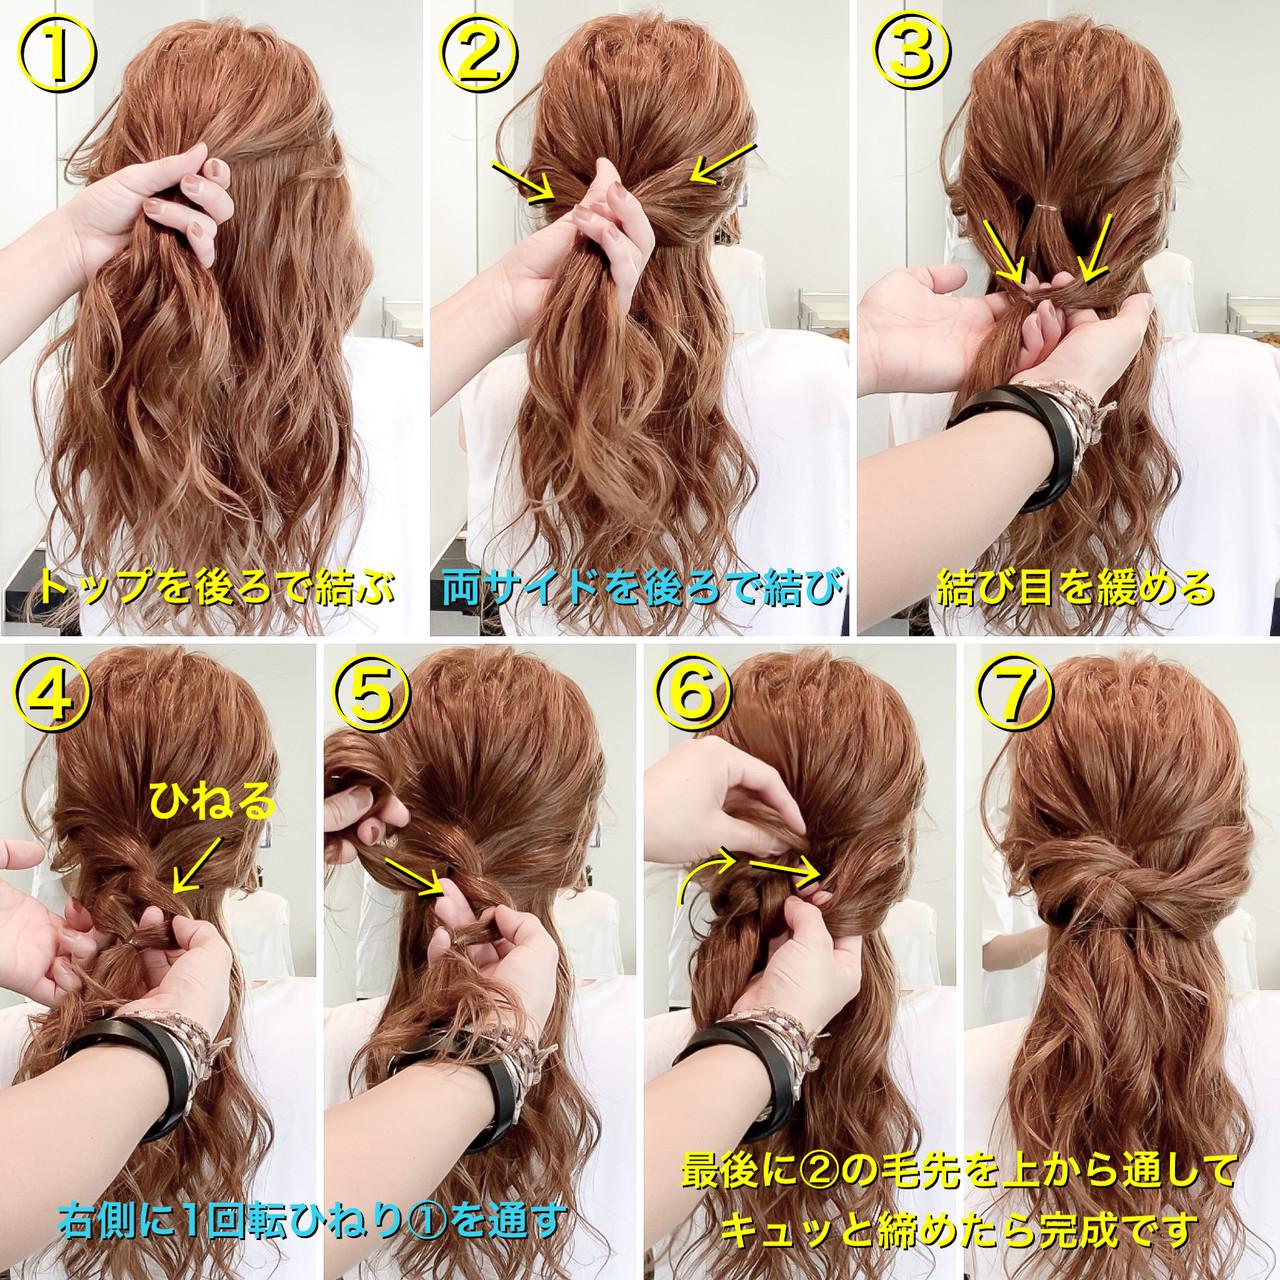 ヘアアレンジ ロングヘア ロング 大人ロング ヘアスタイルや髪型の写真・画像